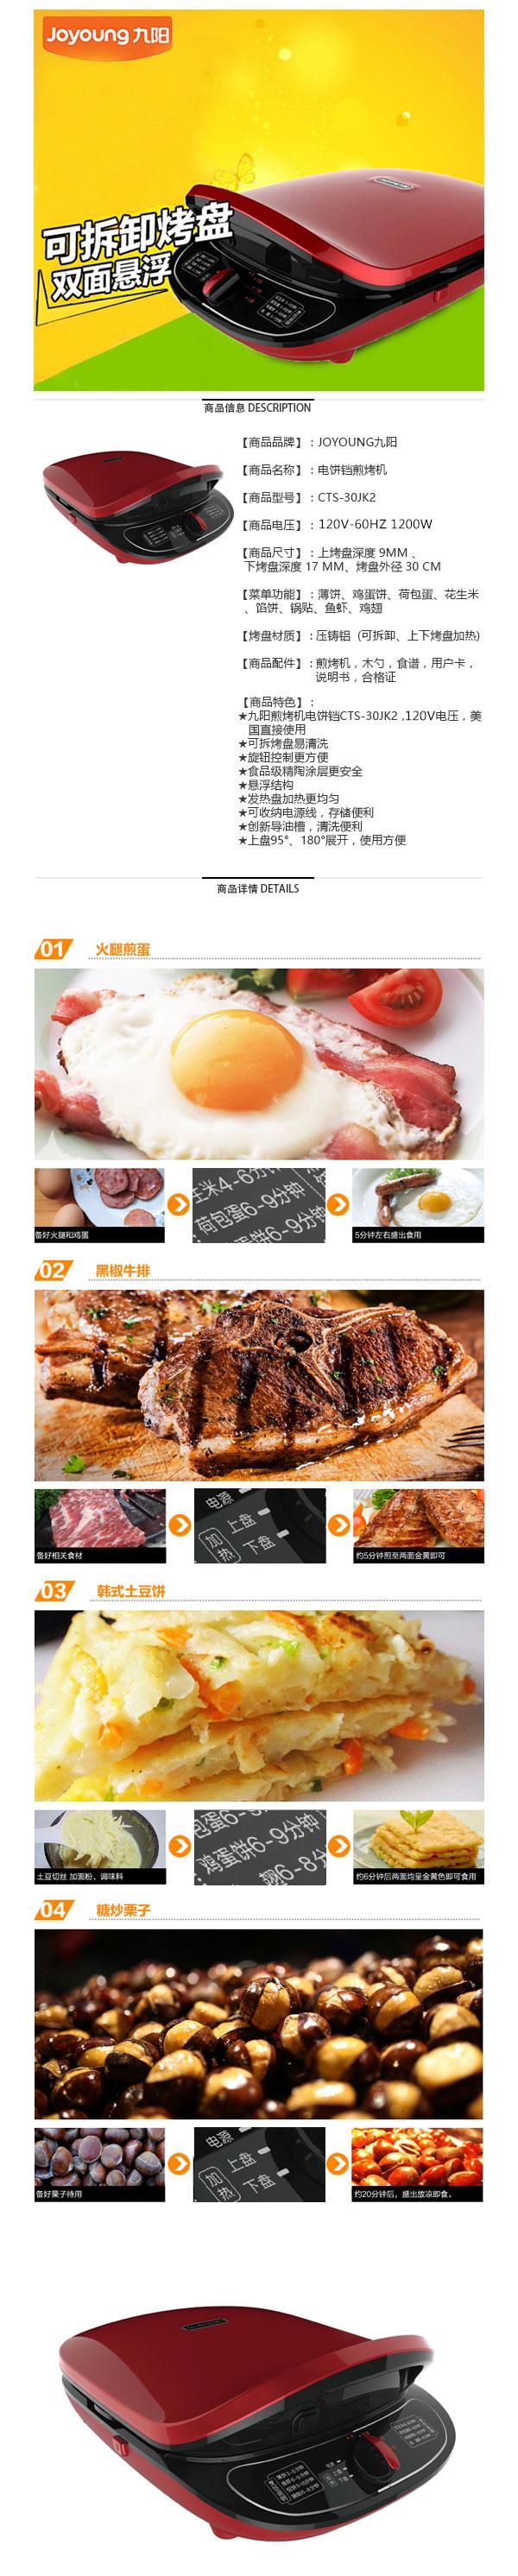 九阳电饼铛CTS-30JK2产品介绍